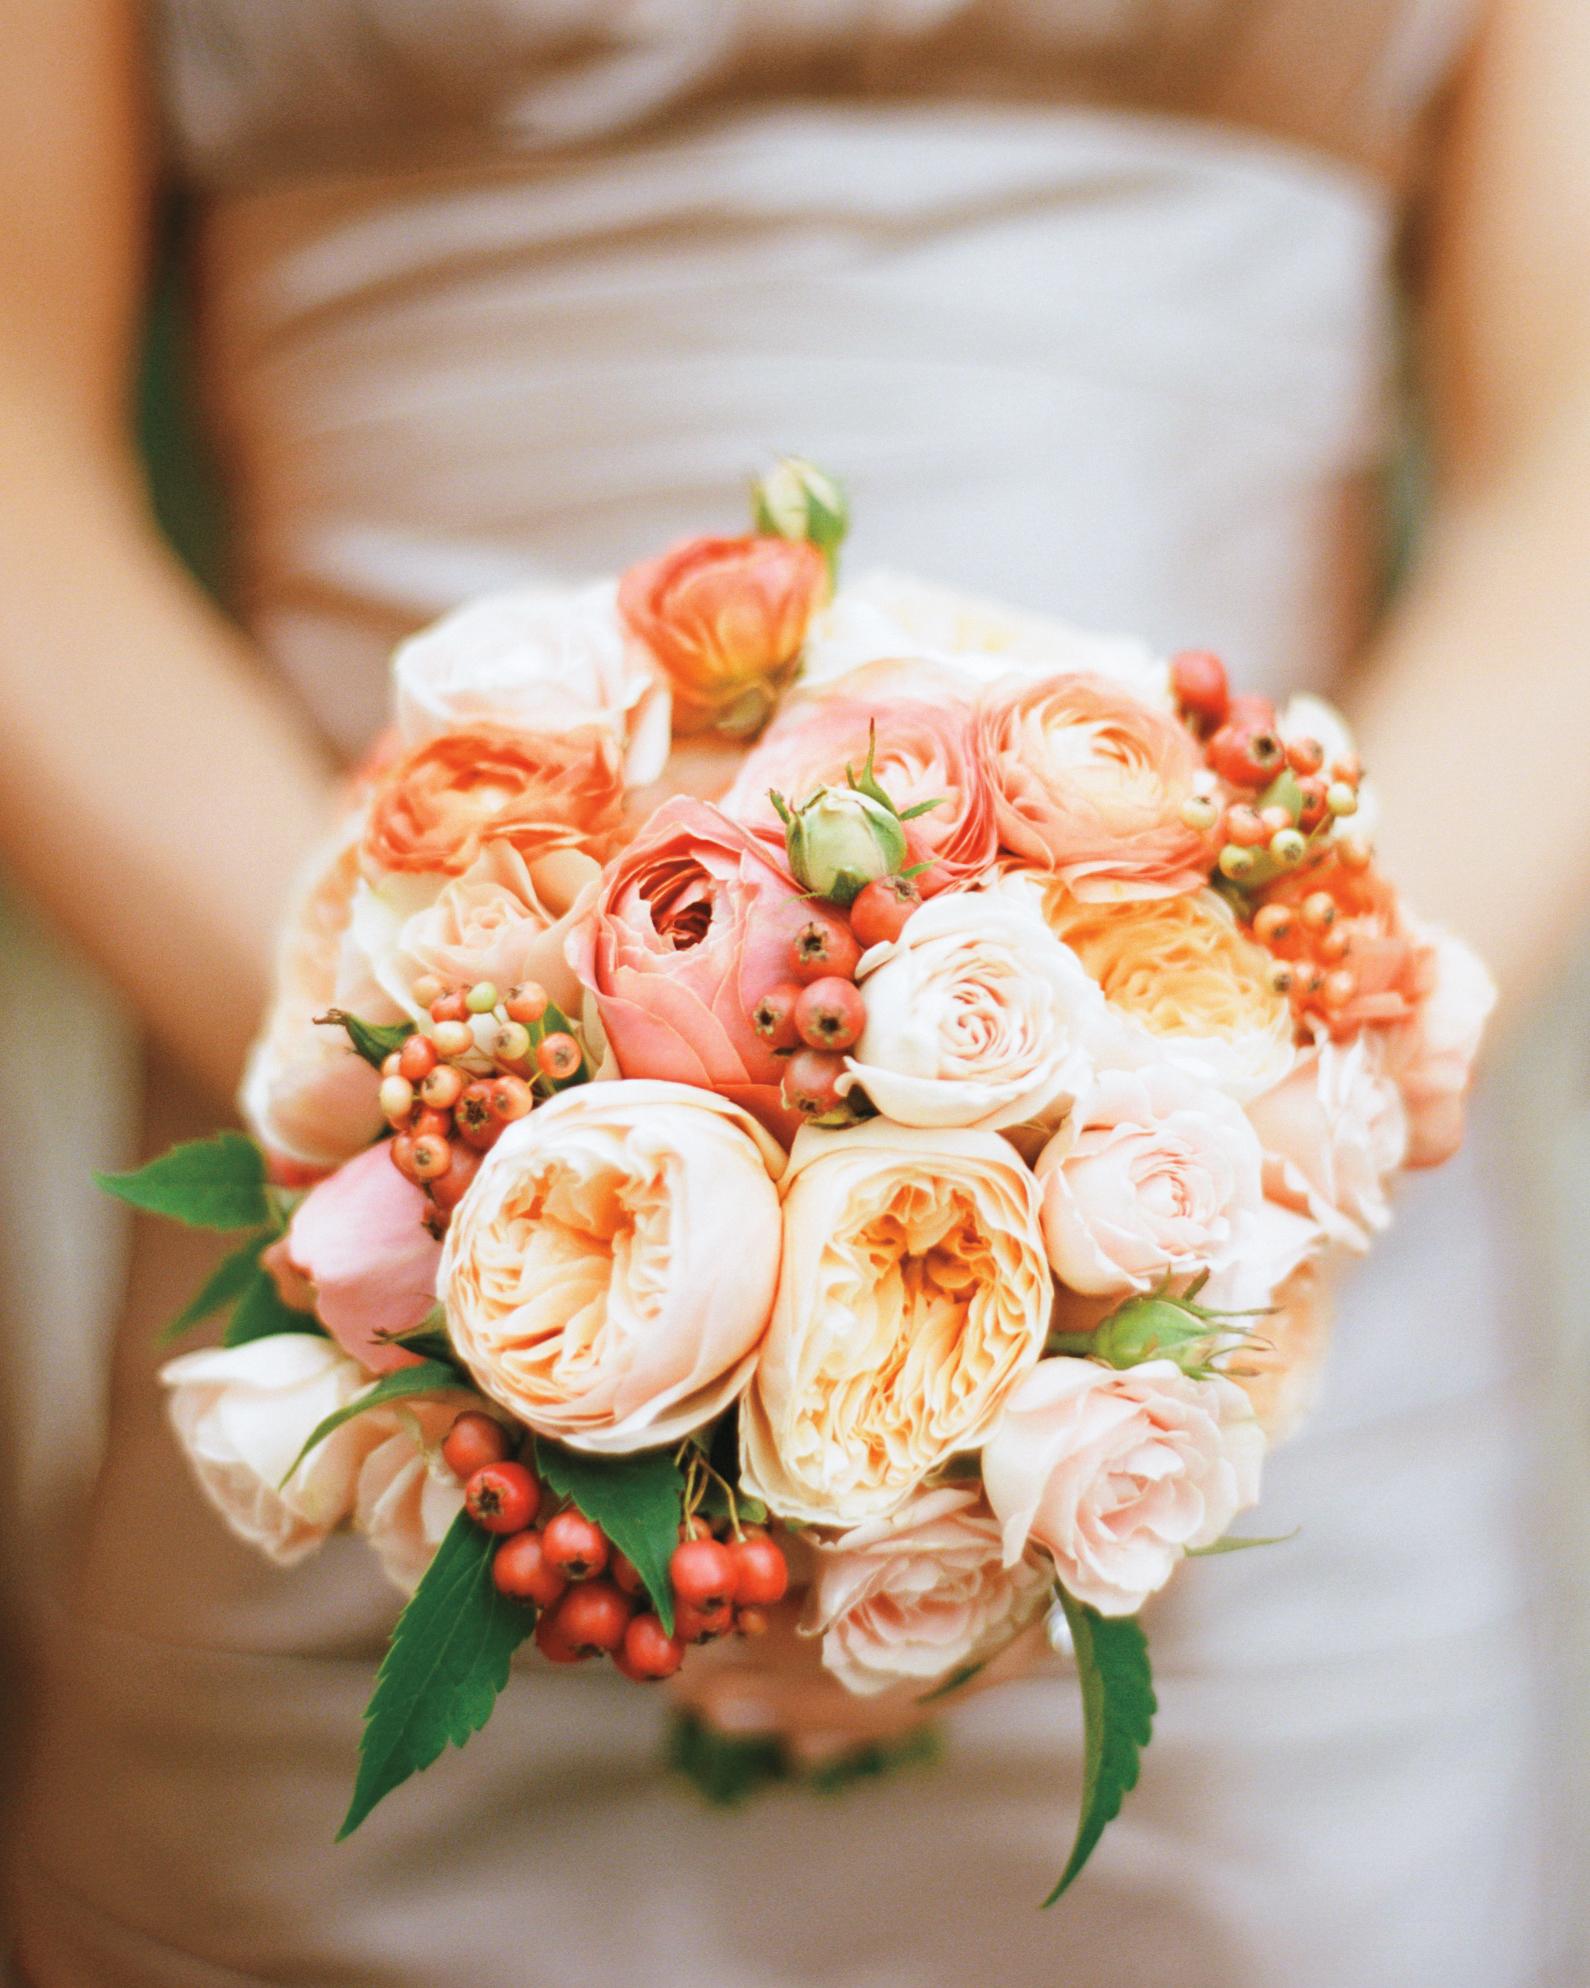 lauren-conor-bouquet-mwds109822.jpg